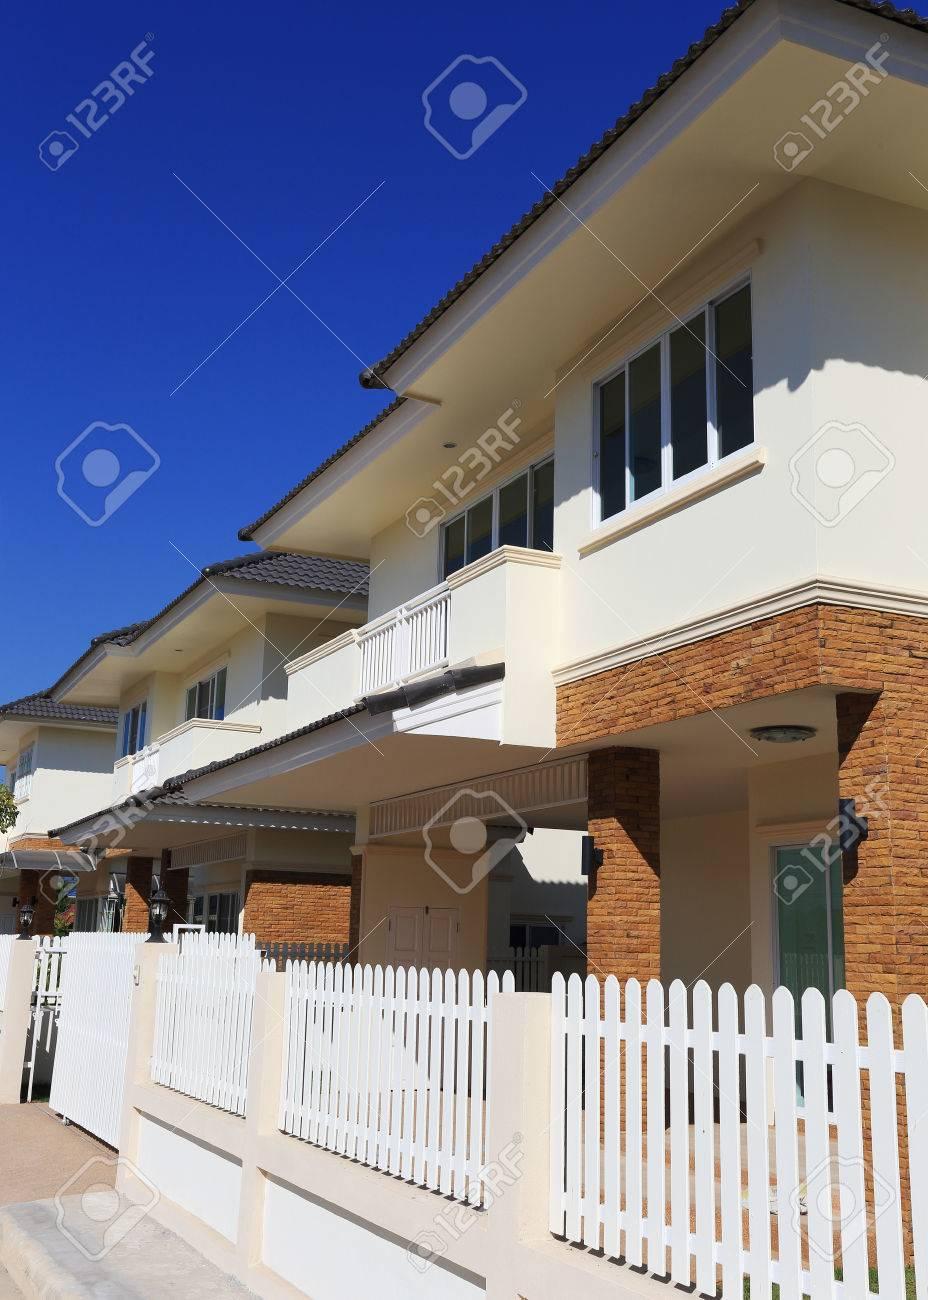 Großes Haus Modernen Stil Mit Blauem Himmel Im Hintergrund ...